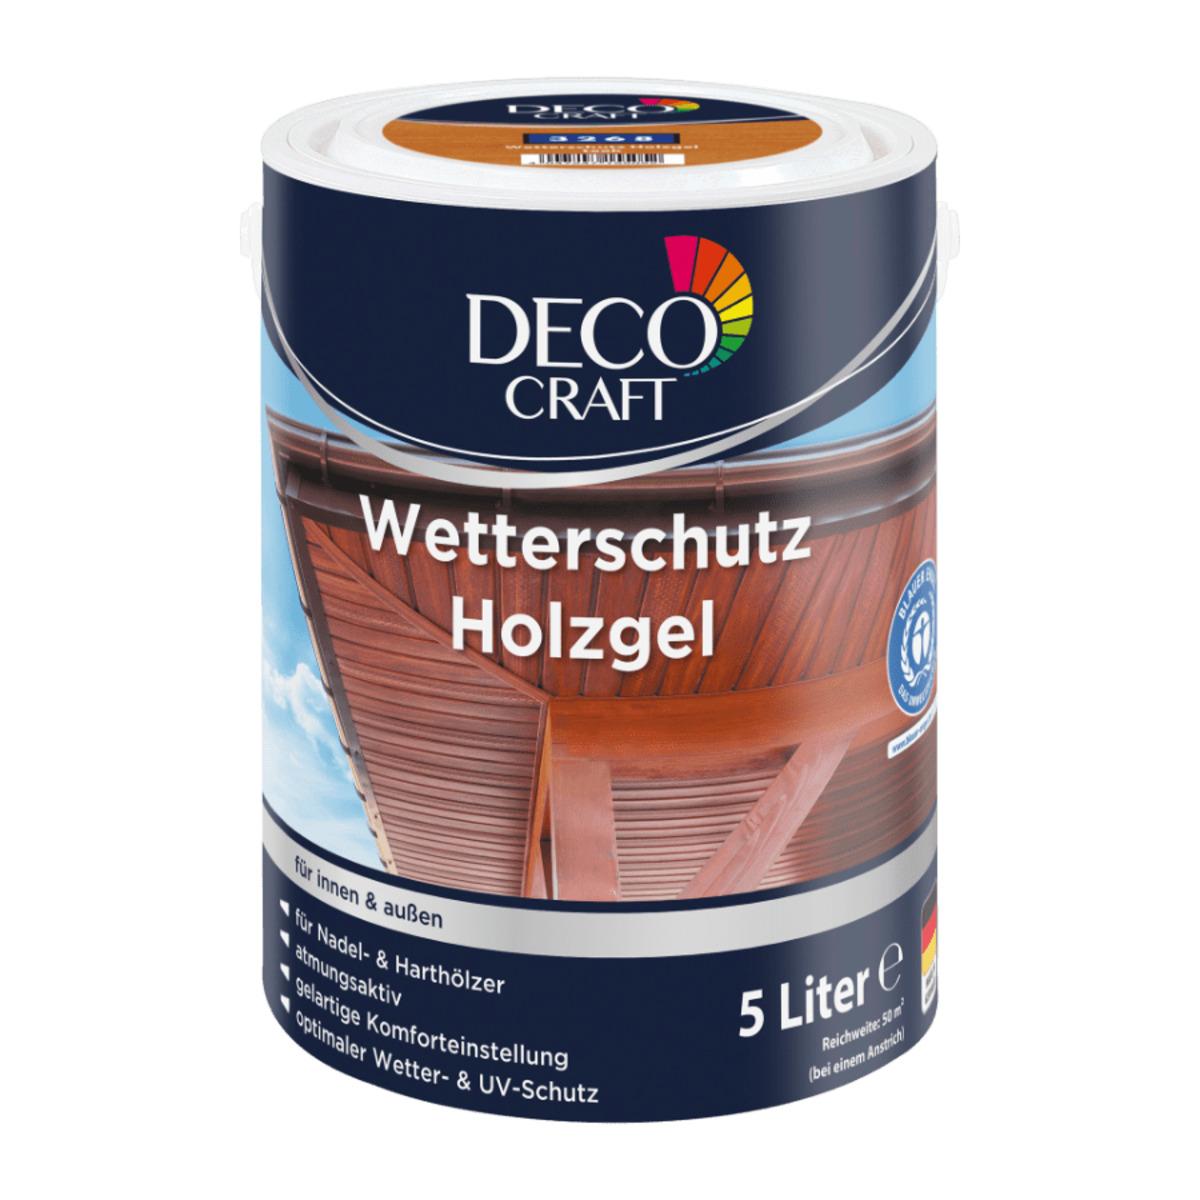 Bild 2 von DECO CRAFT     Wetterschutz Holzgel